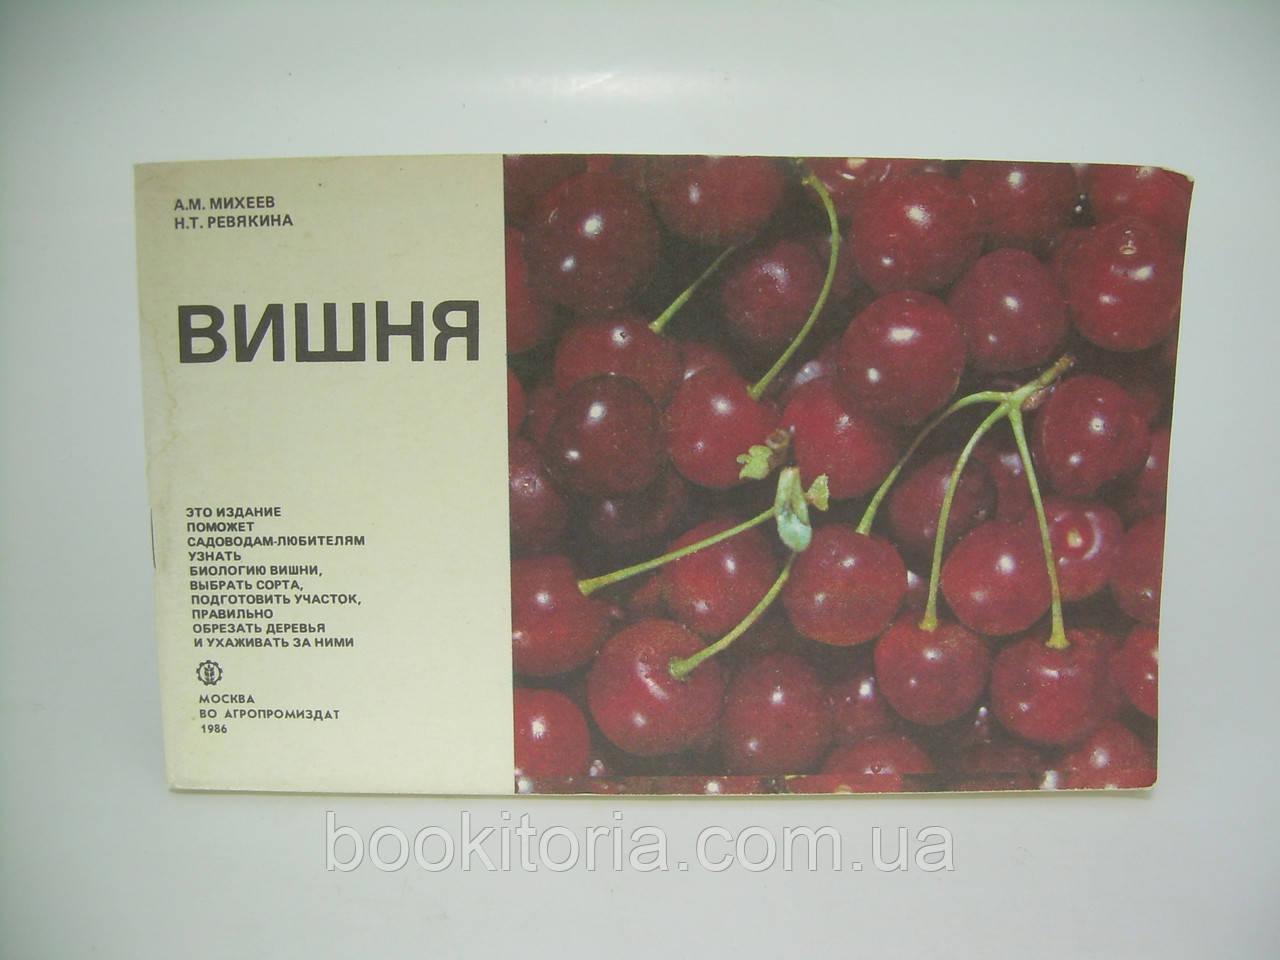 Михеев А.М. и др. Вишня (б/у).